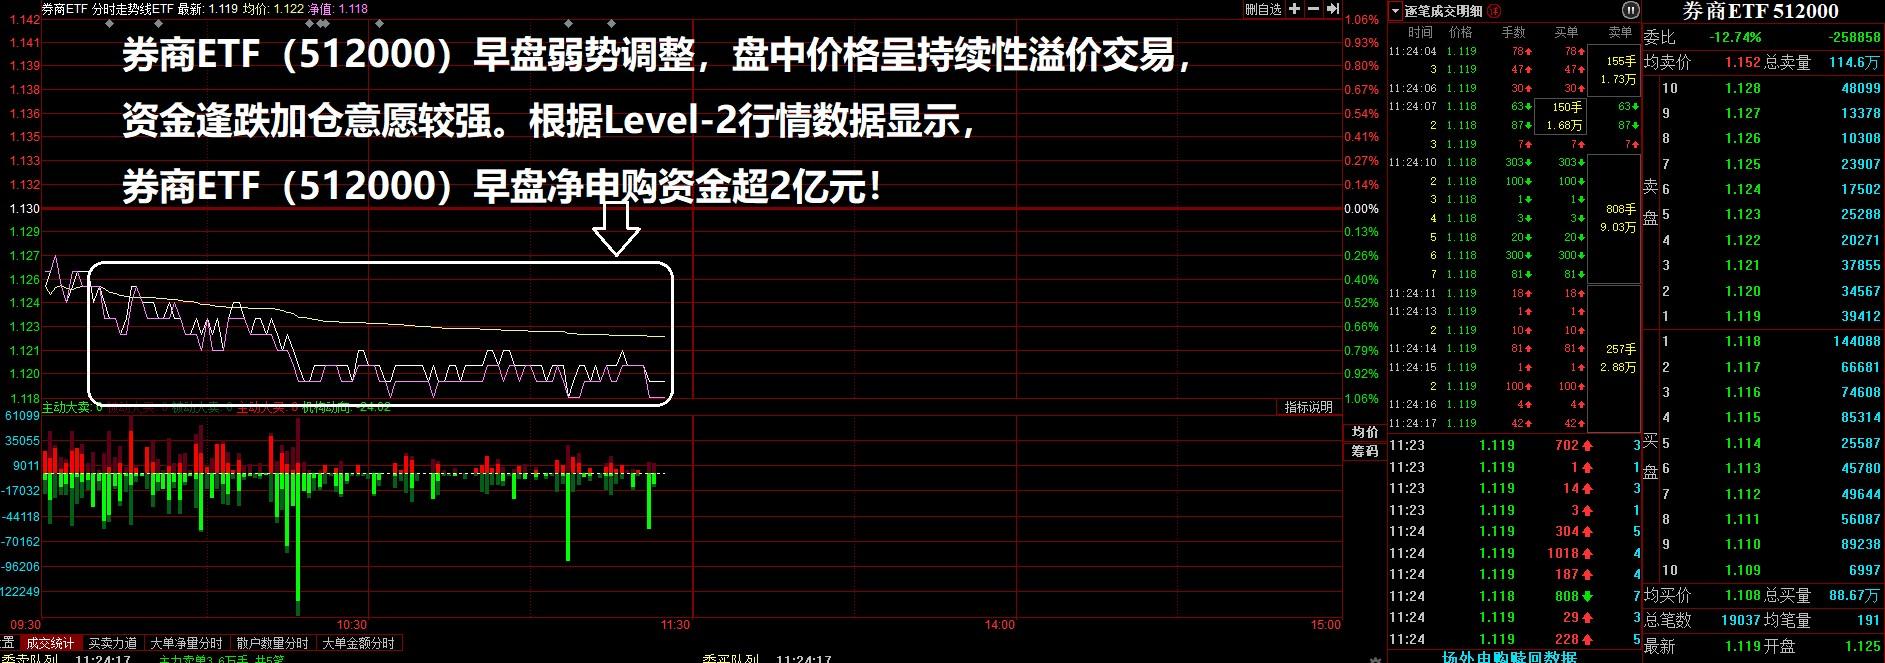 券商ETF(512000)继续溢价净买入2亿多元。中信建设投资:券商板块可能有短期煽动